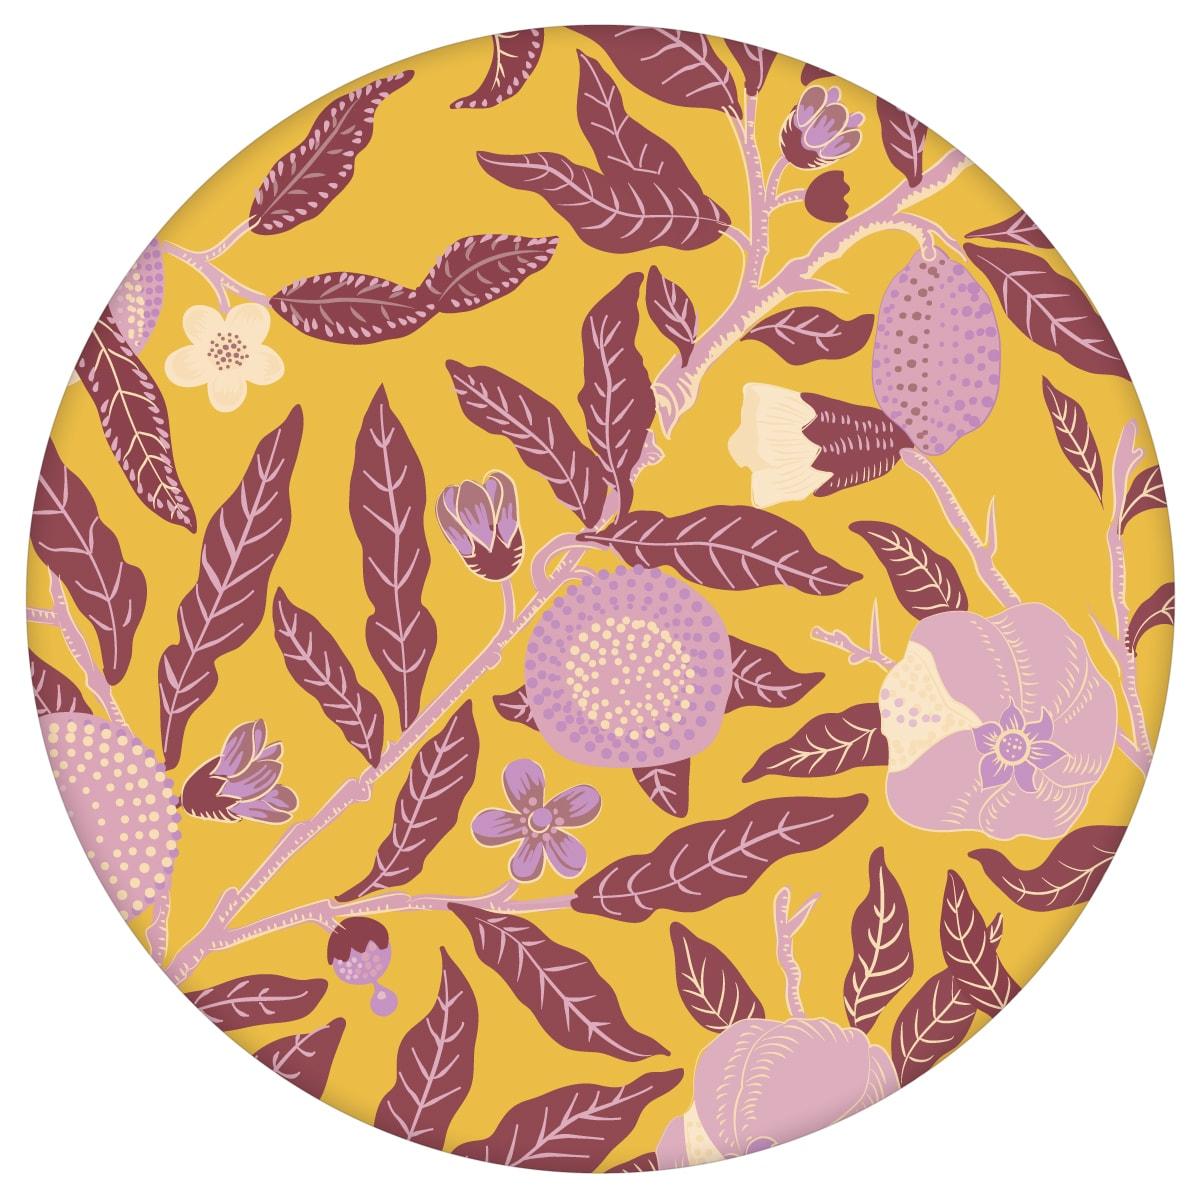 """Moderne Jugendstil Tapete """"Granatapfel Baum"""" nach William Morris, senf gelbe Vlies Tapete Natur Wanddeko für Schlafzimmer"""